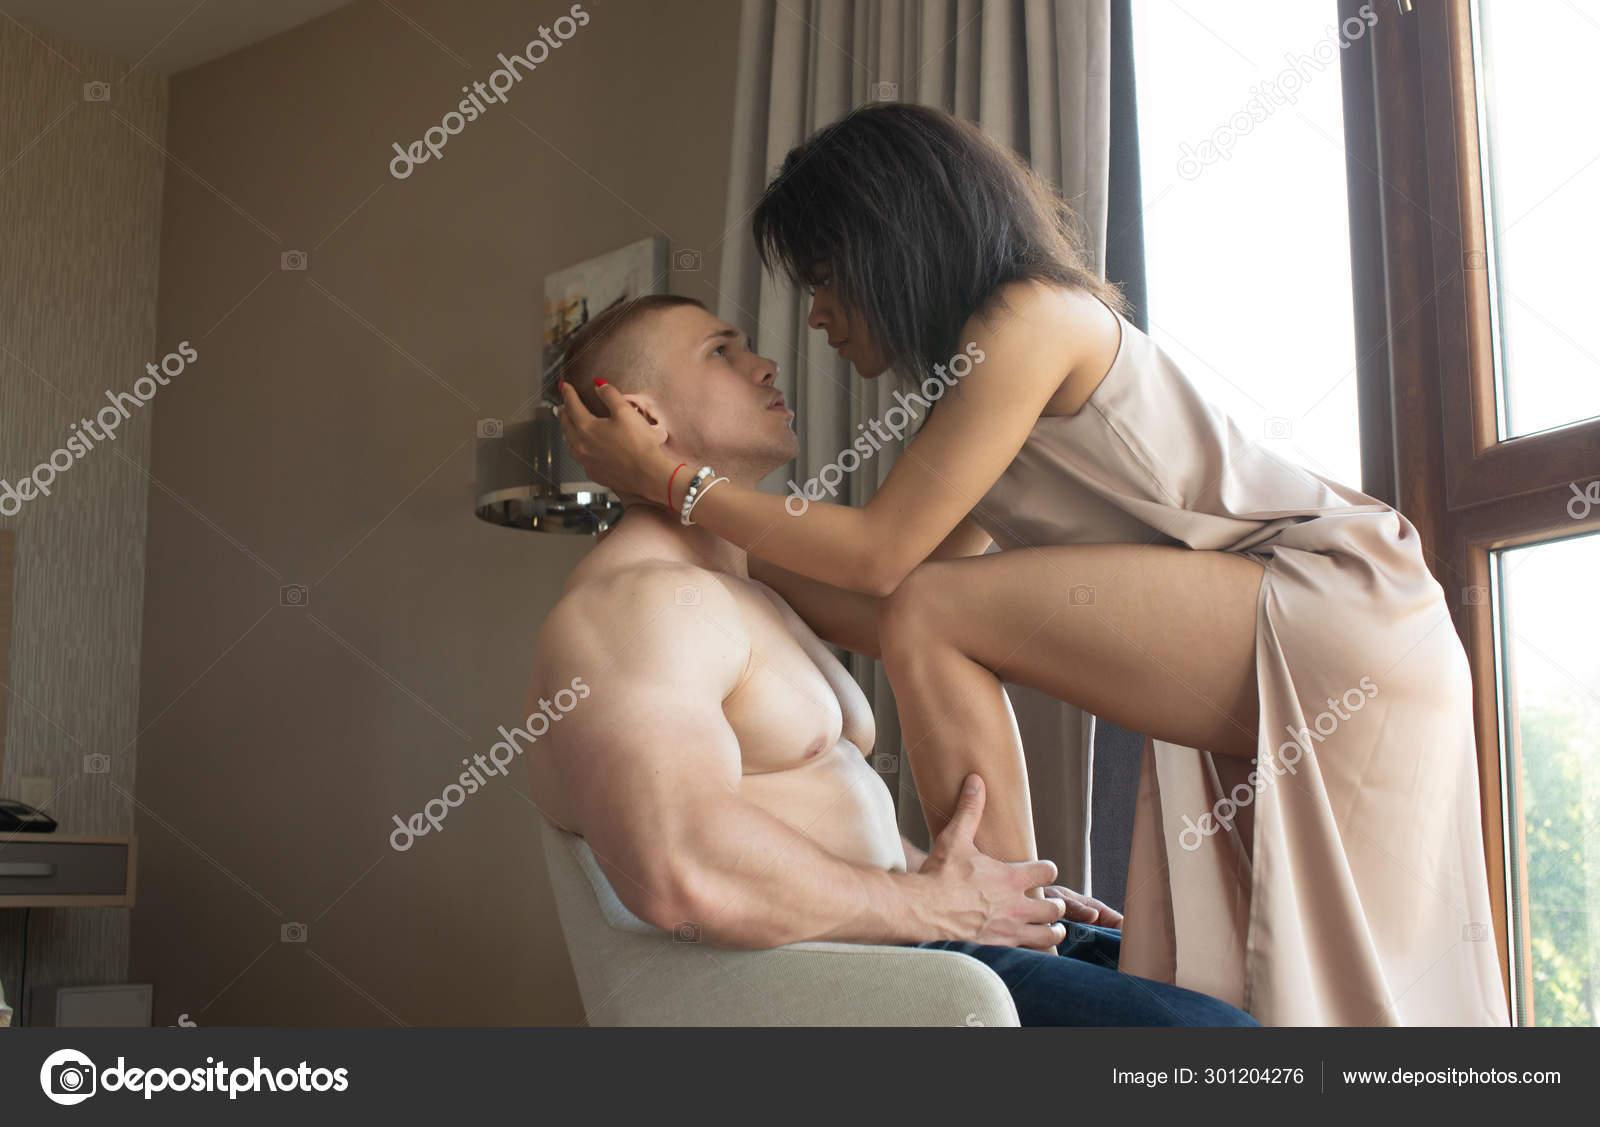 Sensual Erotic